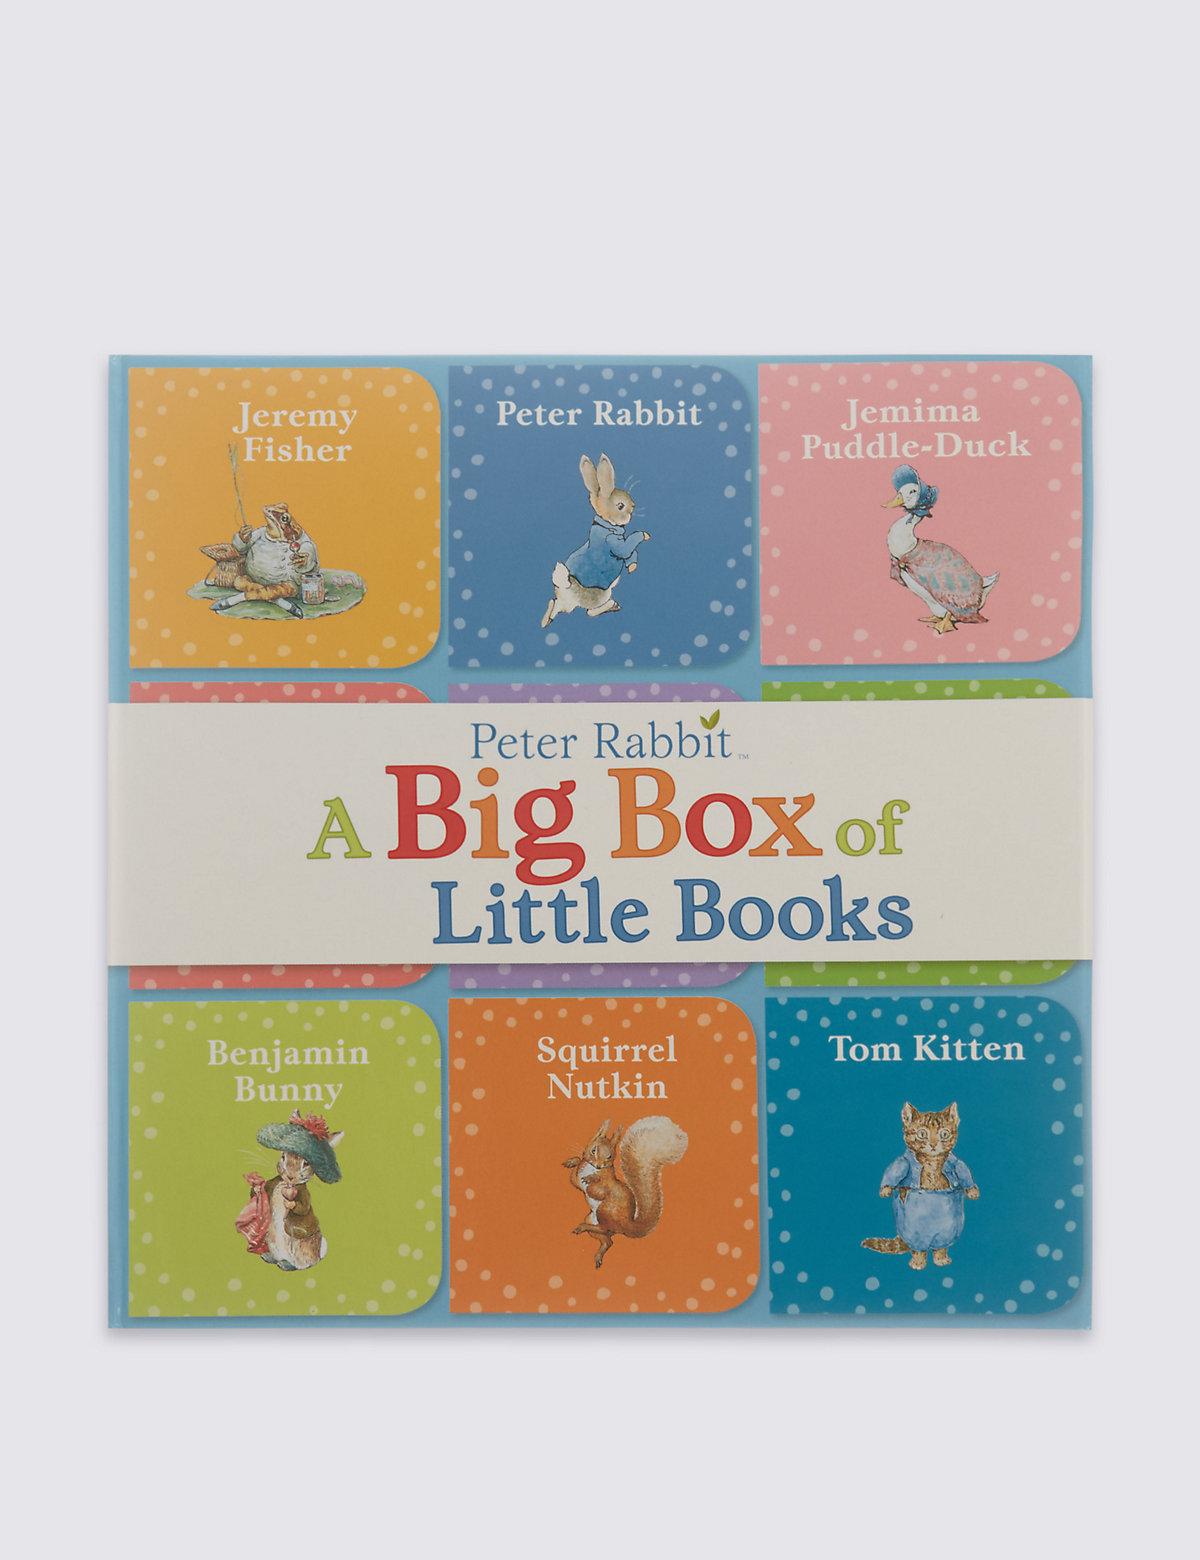 Peter Rabbit A Big Box of Little Books